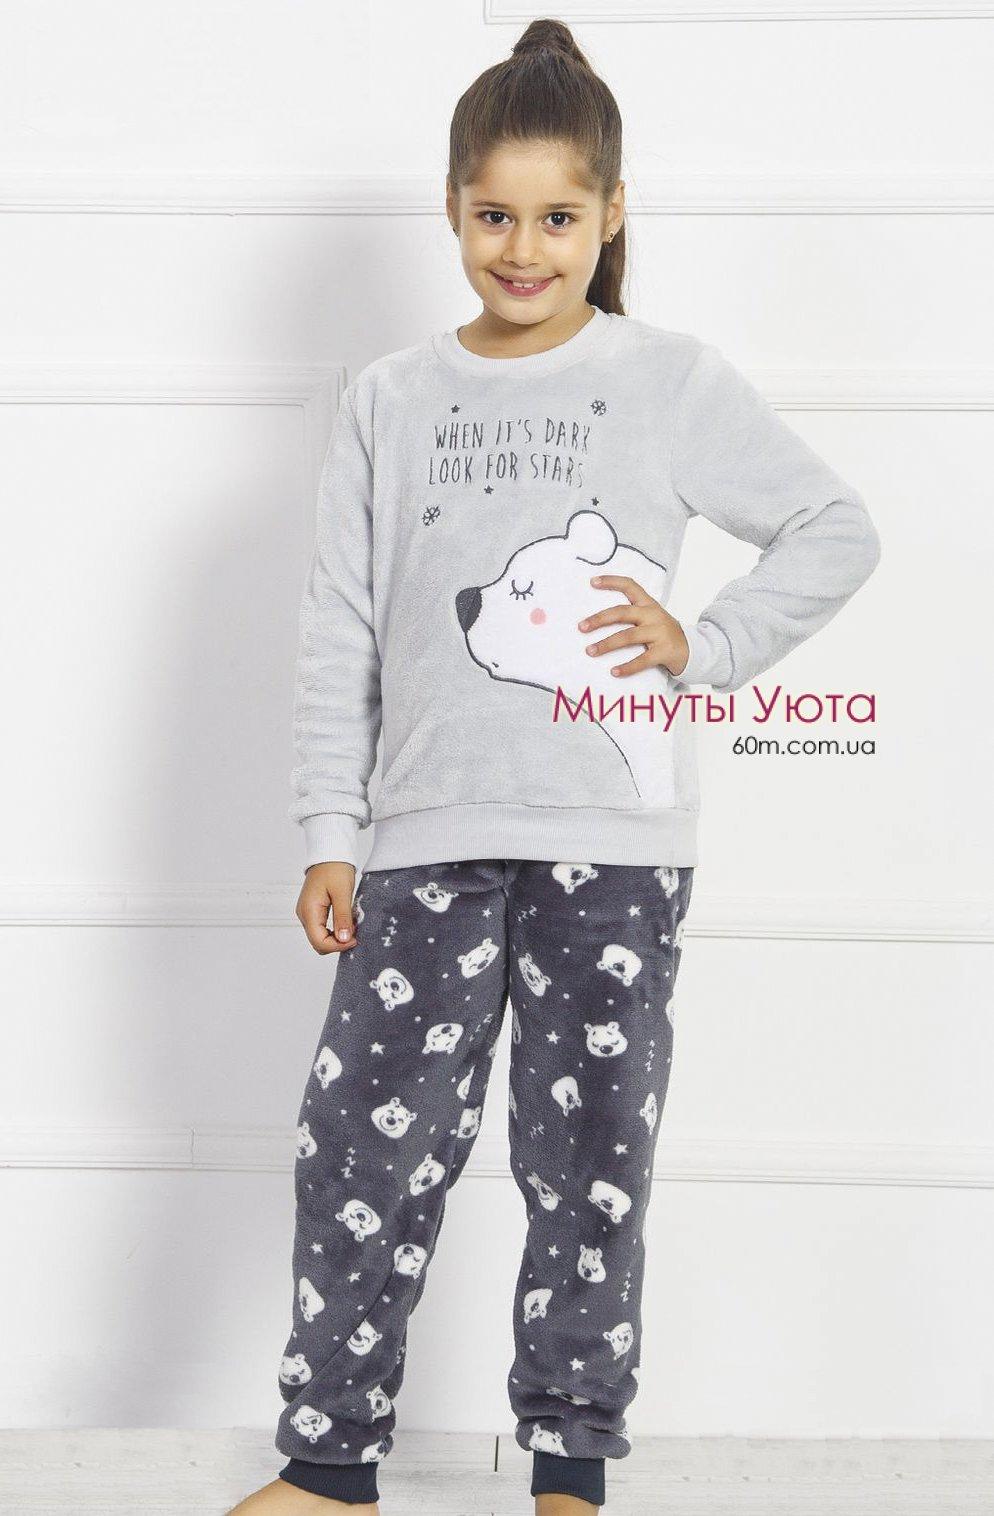 94639e8d3b2cd2 Сіра плюшева піжама з милим ведмедиком, колір сірий. Виробник піжами ...